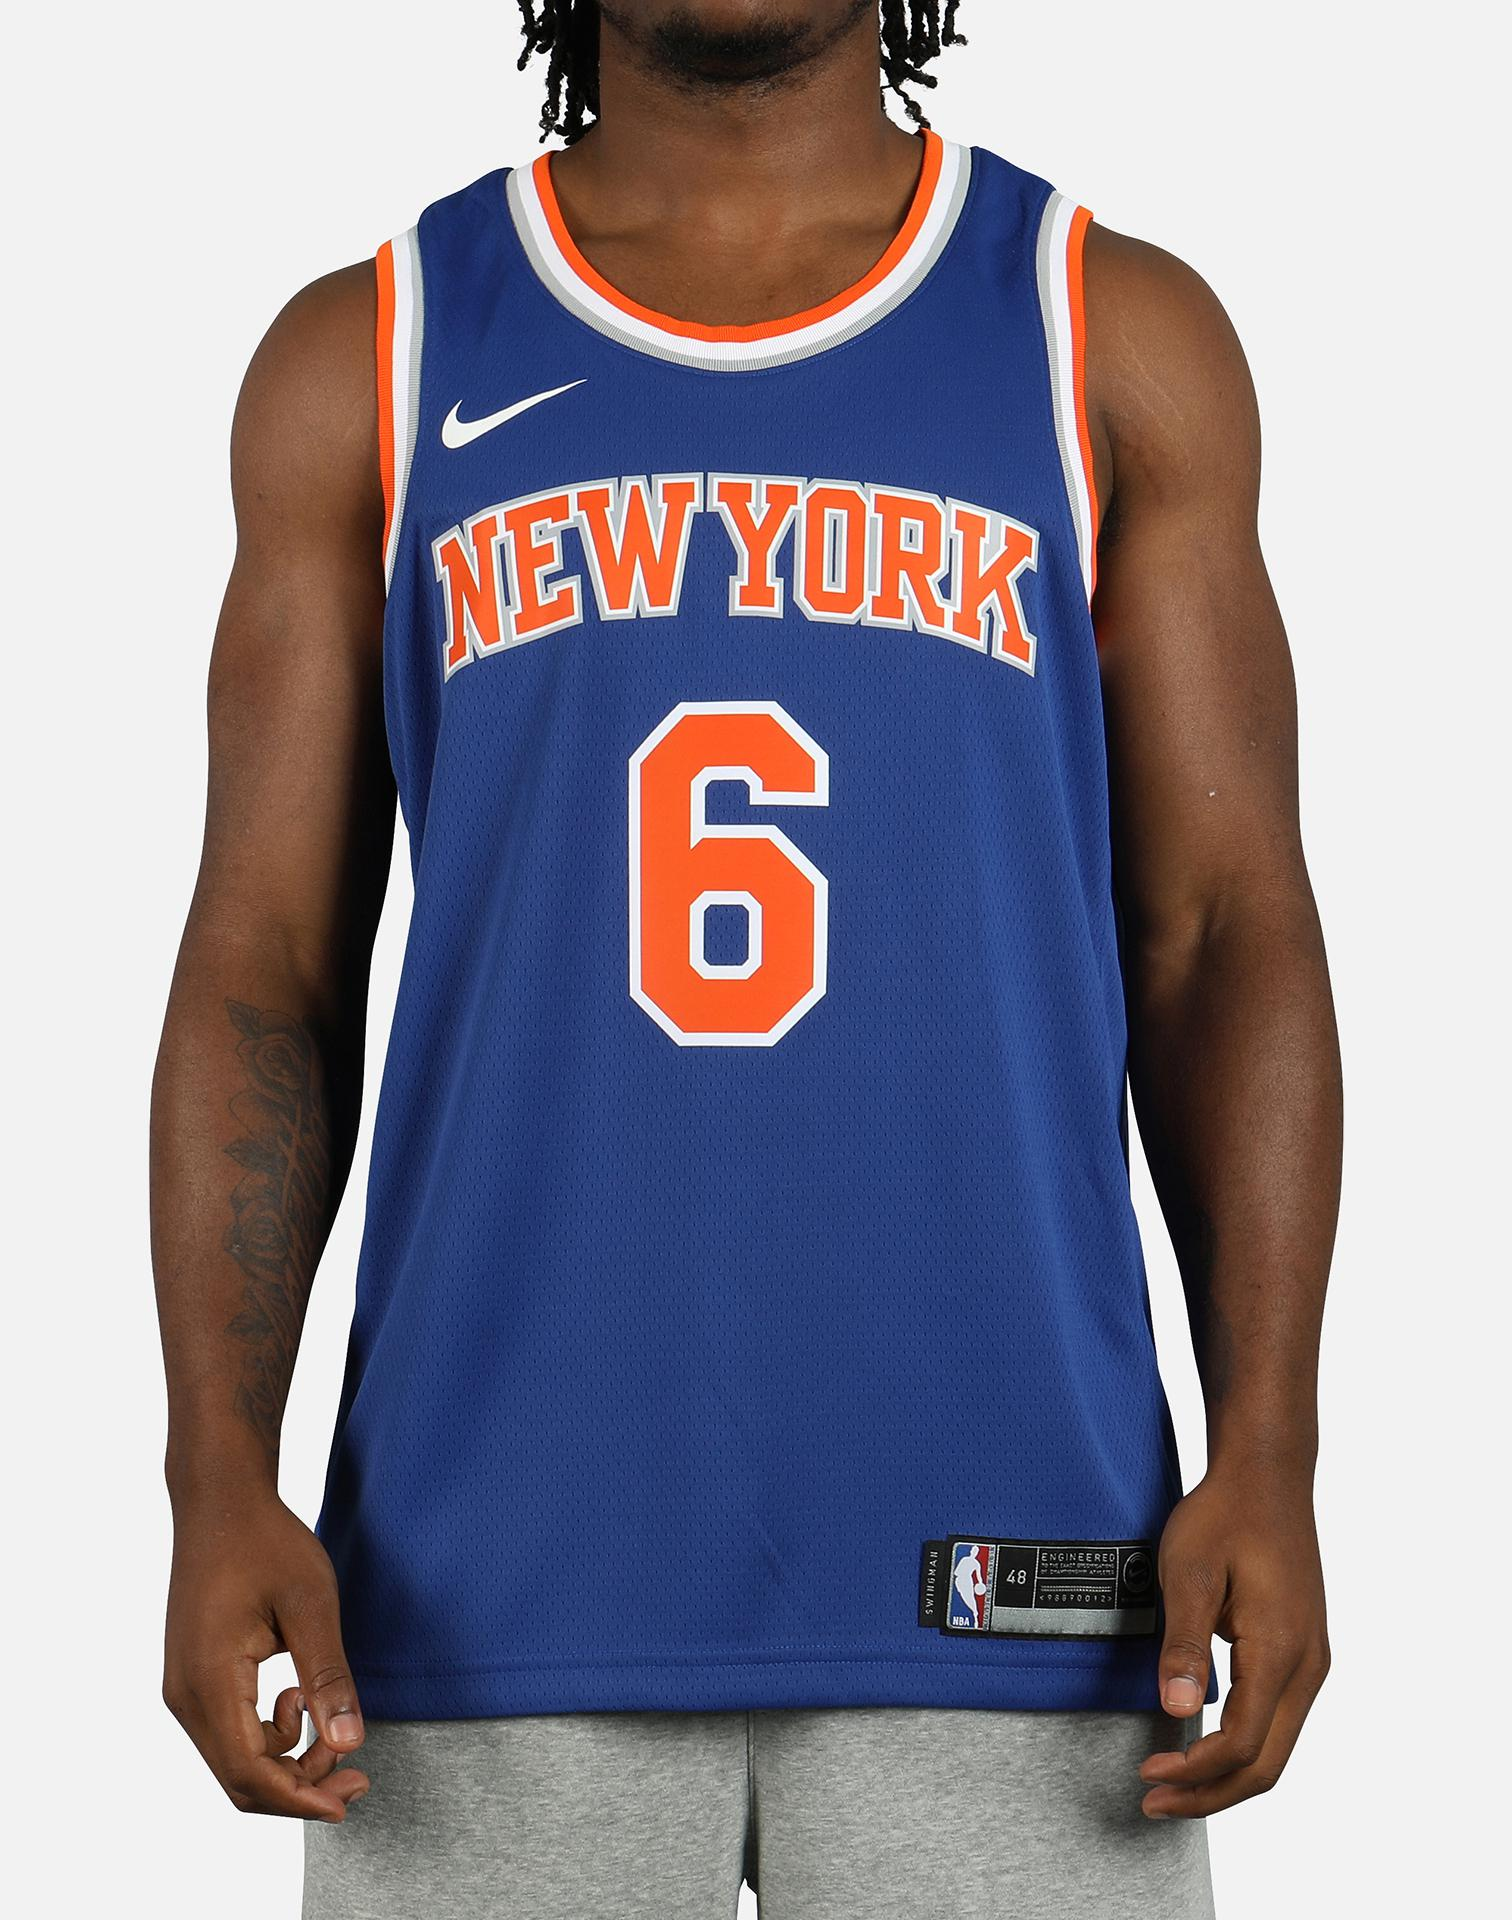 Lyst nike nba new york knicks icon edition swingman jersey in blue jpg  1512x1920 Nike swingman 00431edcf